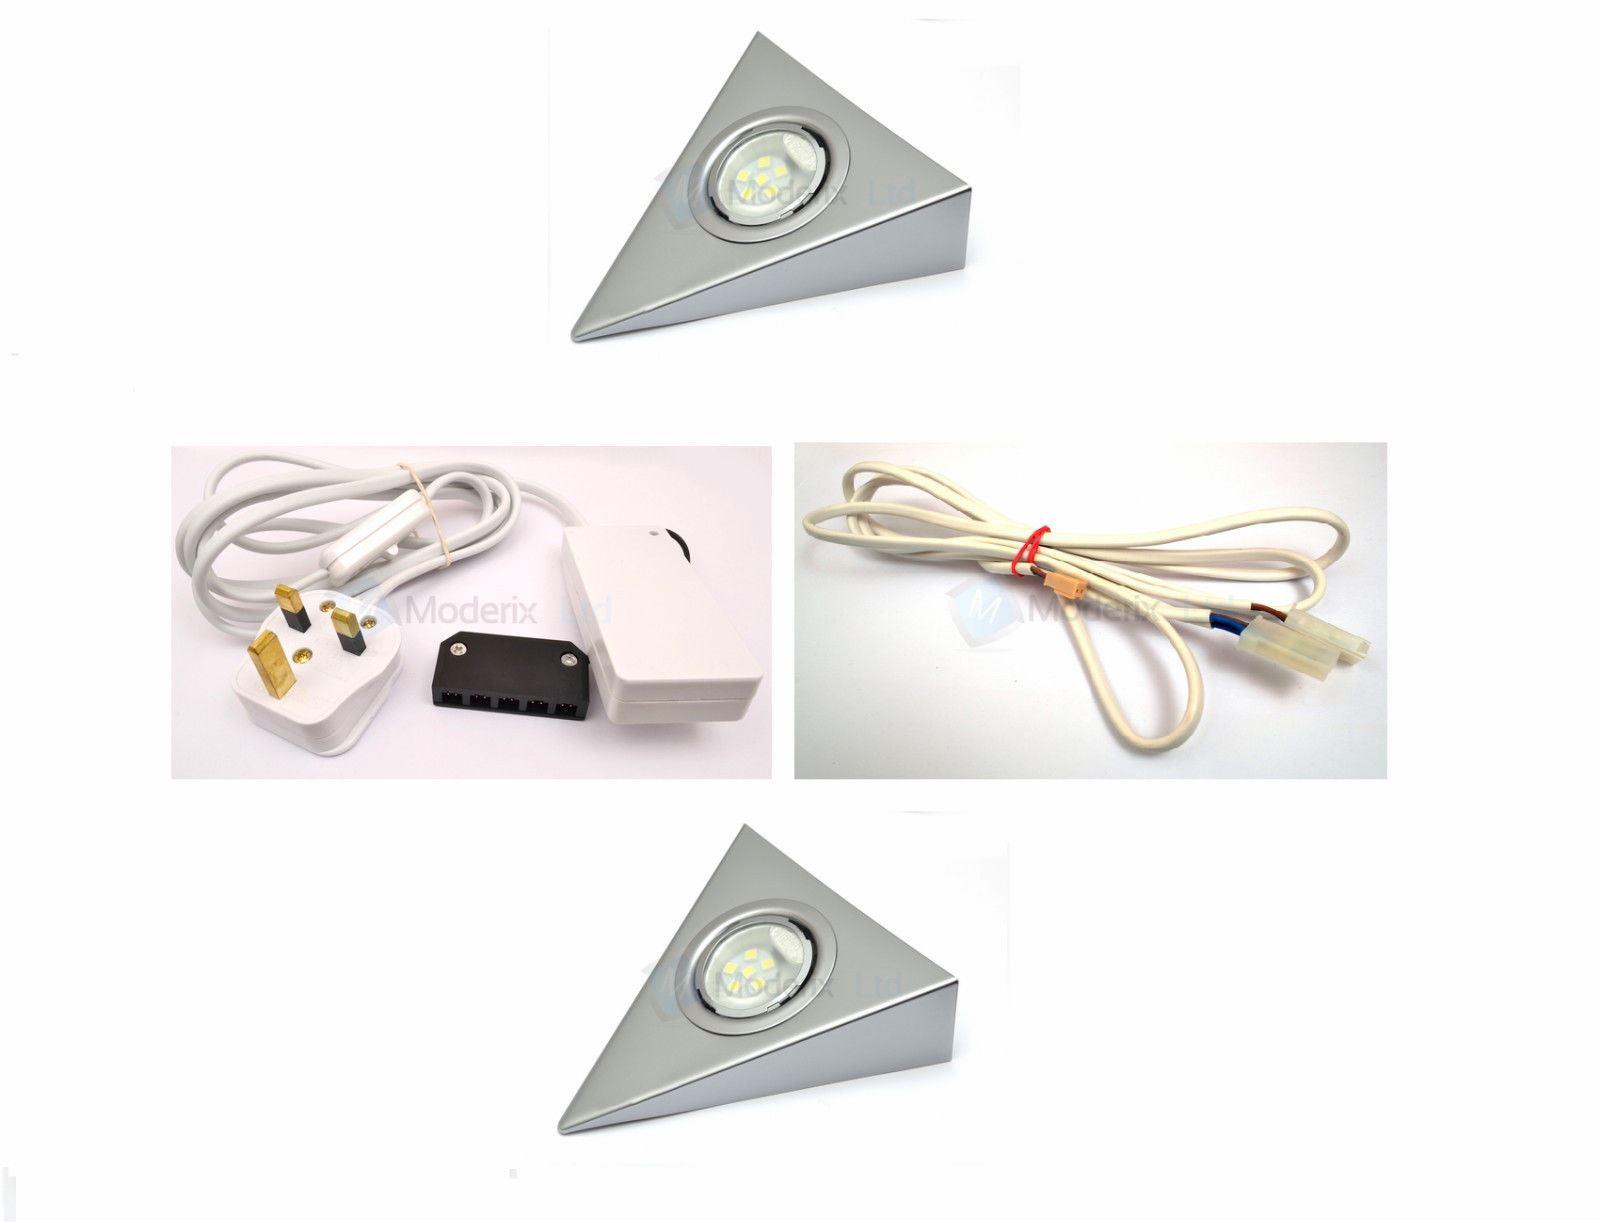 Kit de luz de led aluminio tri ngular en iluminacion - Luz led cocina ...